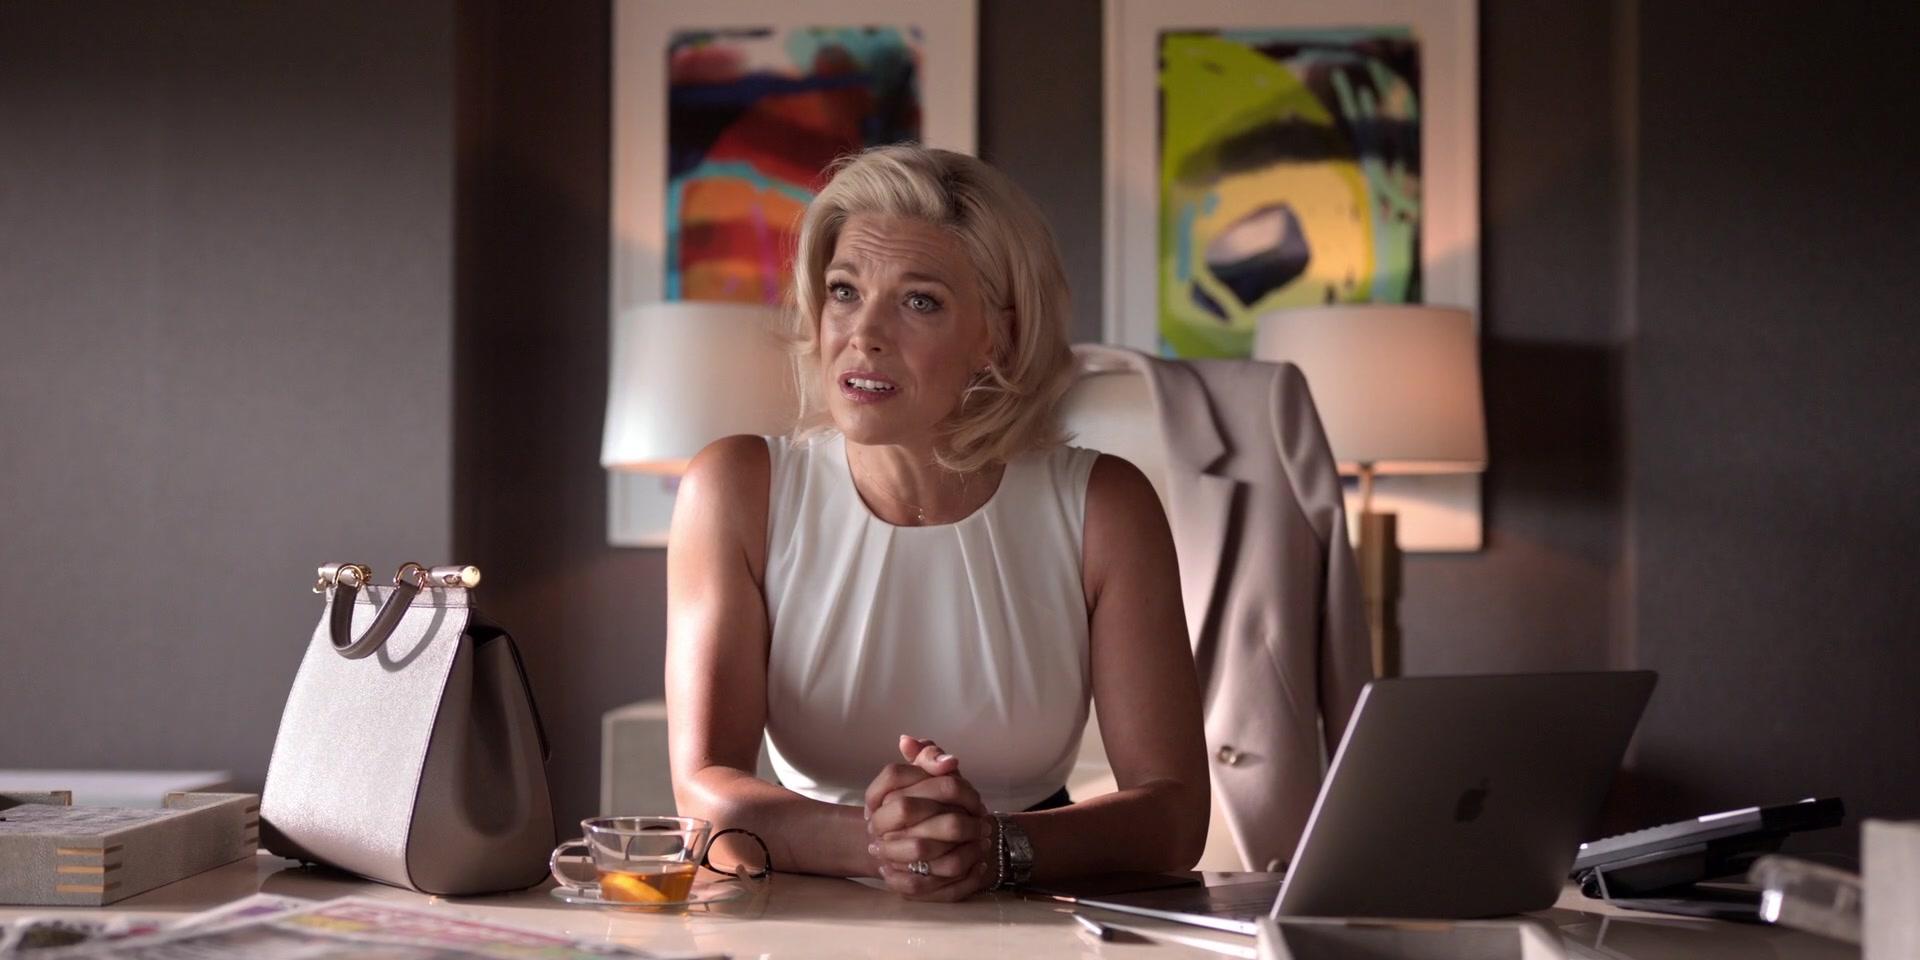 Cena da série Ted Lasso. Na cena vemos Rebecca, uma mulher branca, na casa dos 50 anos, de cabelos loiros platinados e vestido branco. Ela está sentada à sua mesa, com as mãos dadas e uma expressão de dúvida e descontentamento no rosto. Na mesa, estão seu laptop branco, sua bolsa branca e mais uma porção de objetos fora de foco. Ao fundo, também desfocados, estão dois quadros.